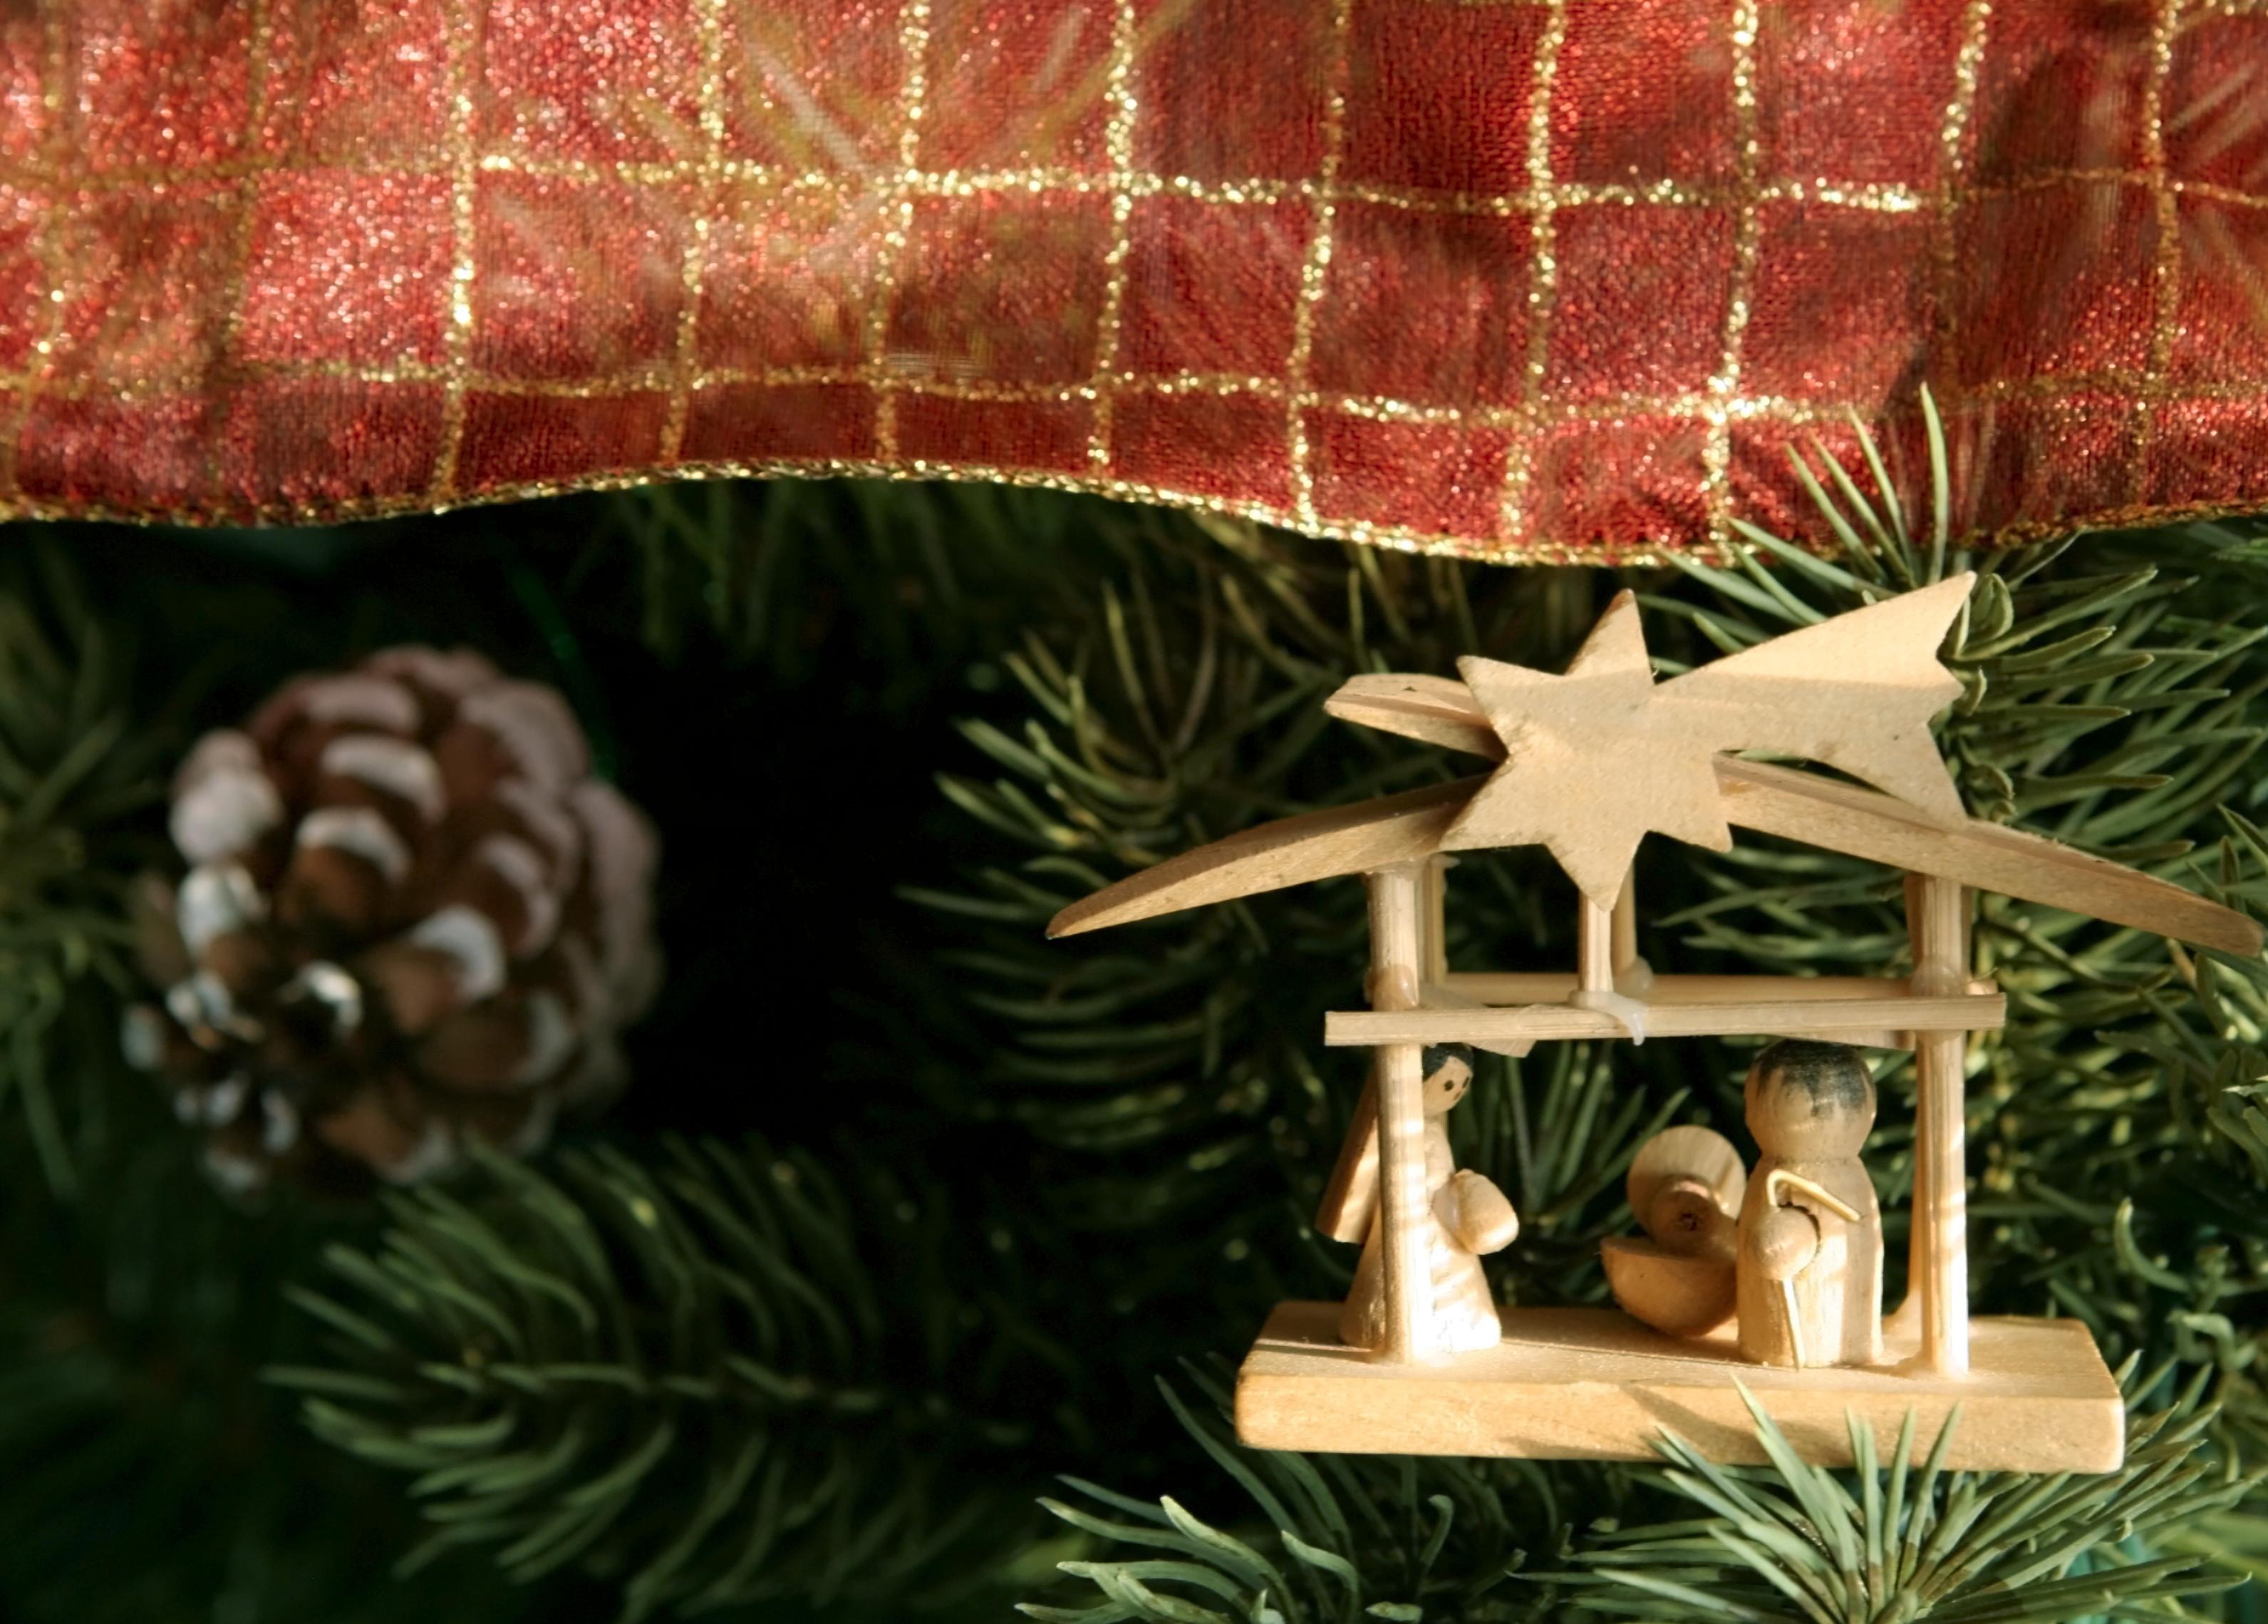 Religious-ornament.jpg